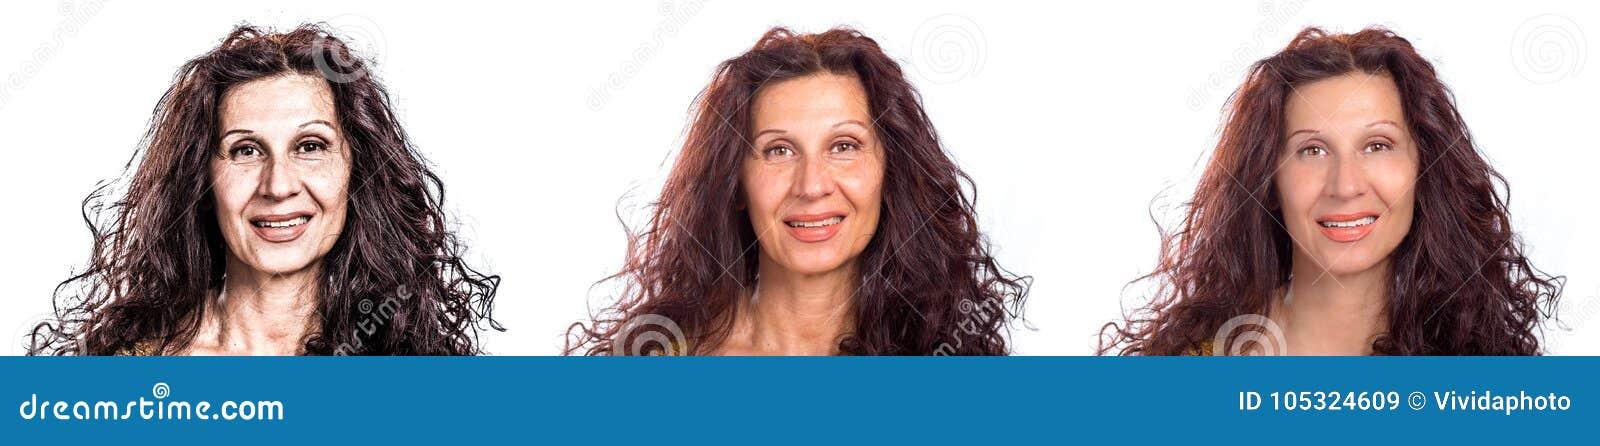 Sonrisa madura de la mujer de tres versiones